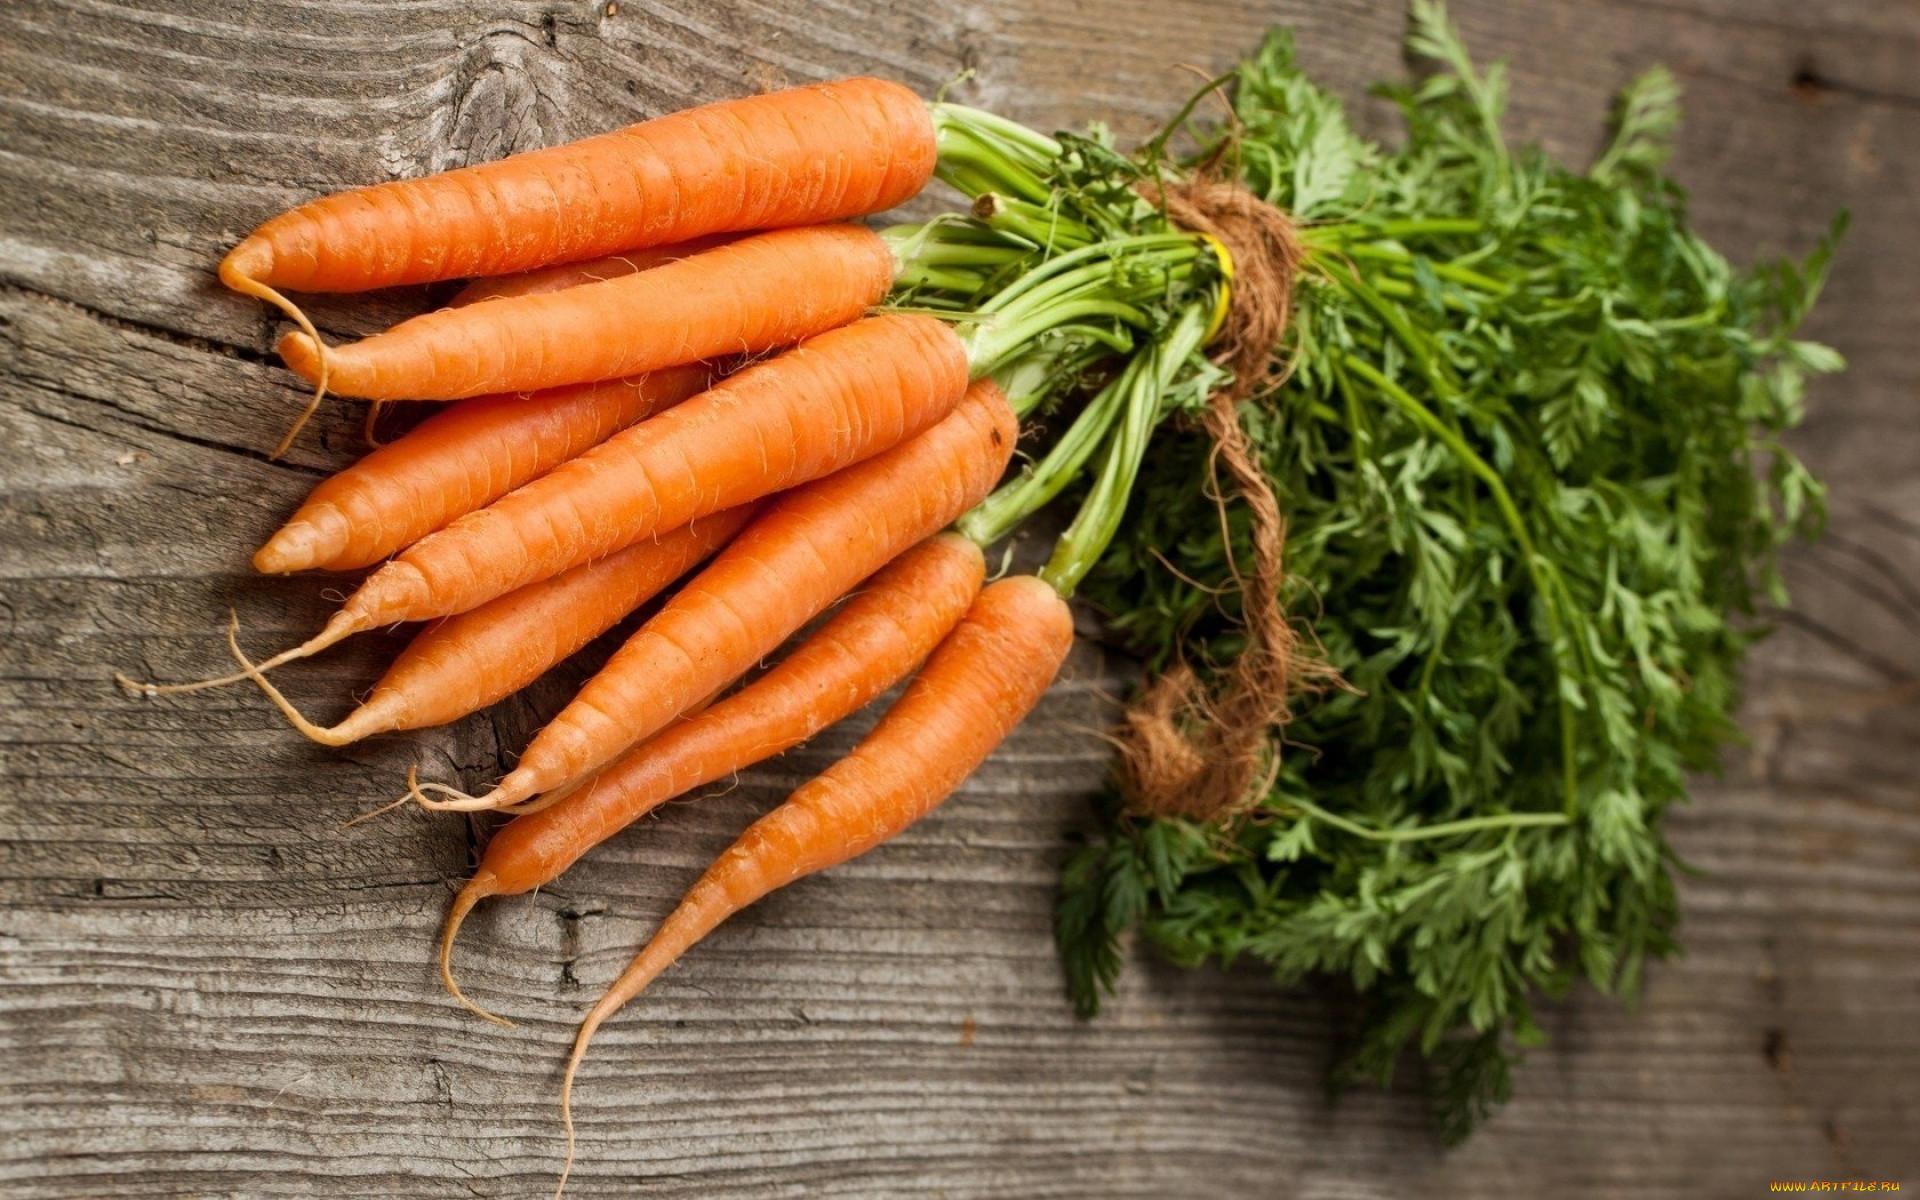 корнеплода моркови картинки когда-нибудь видели архивные